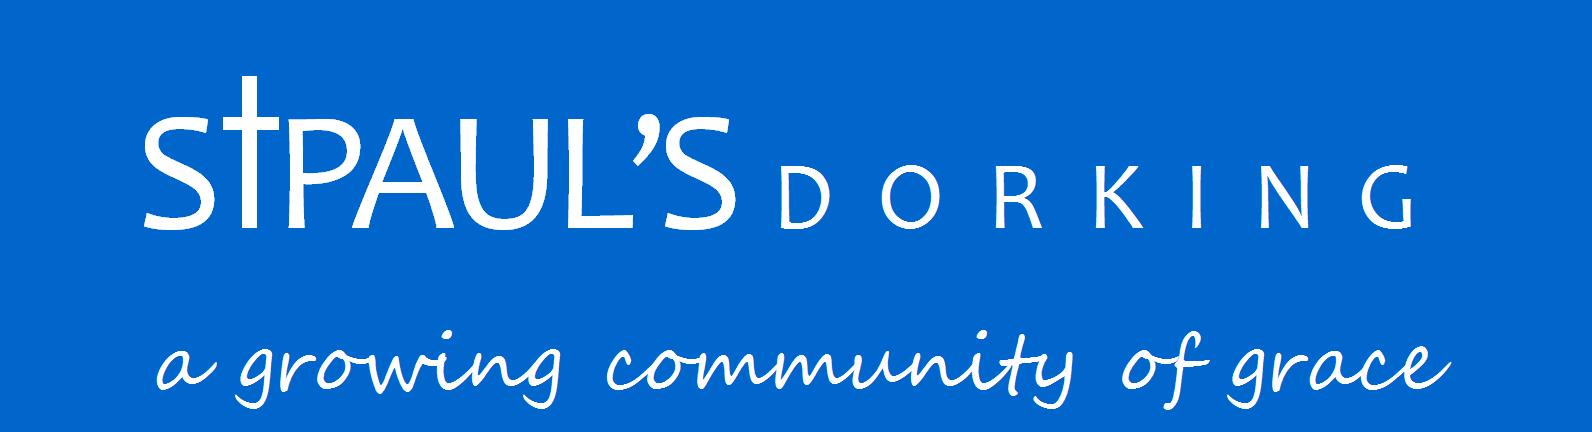 st pauls logo image